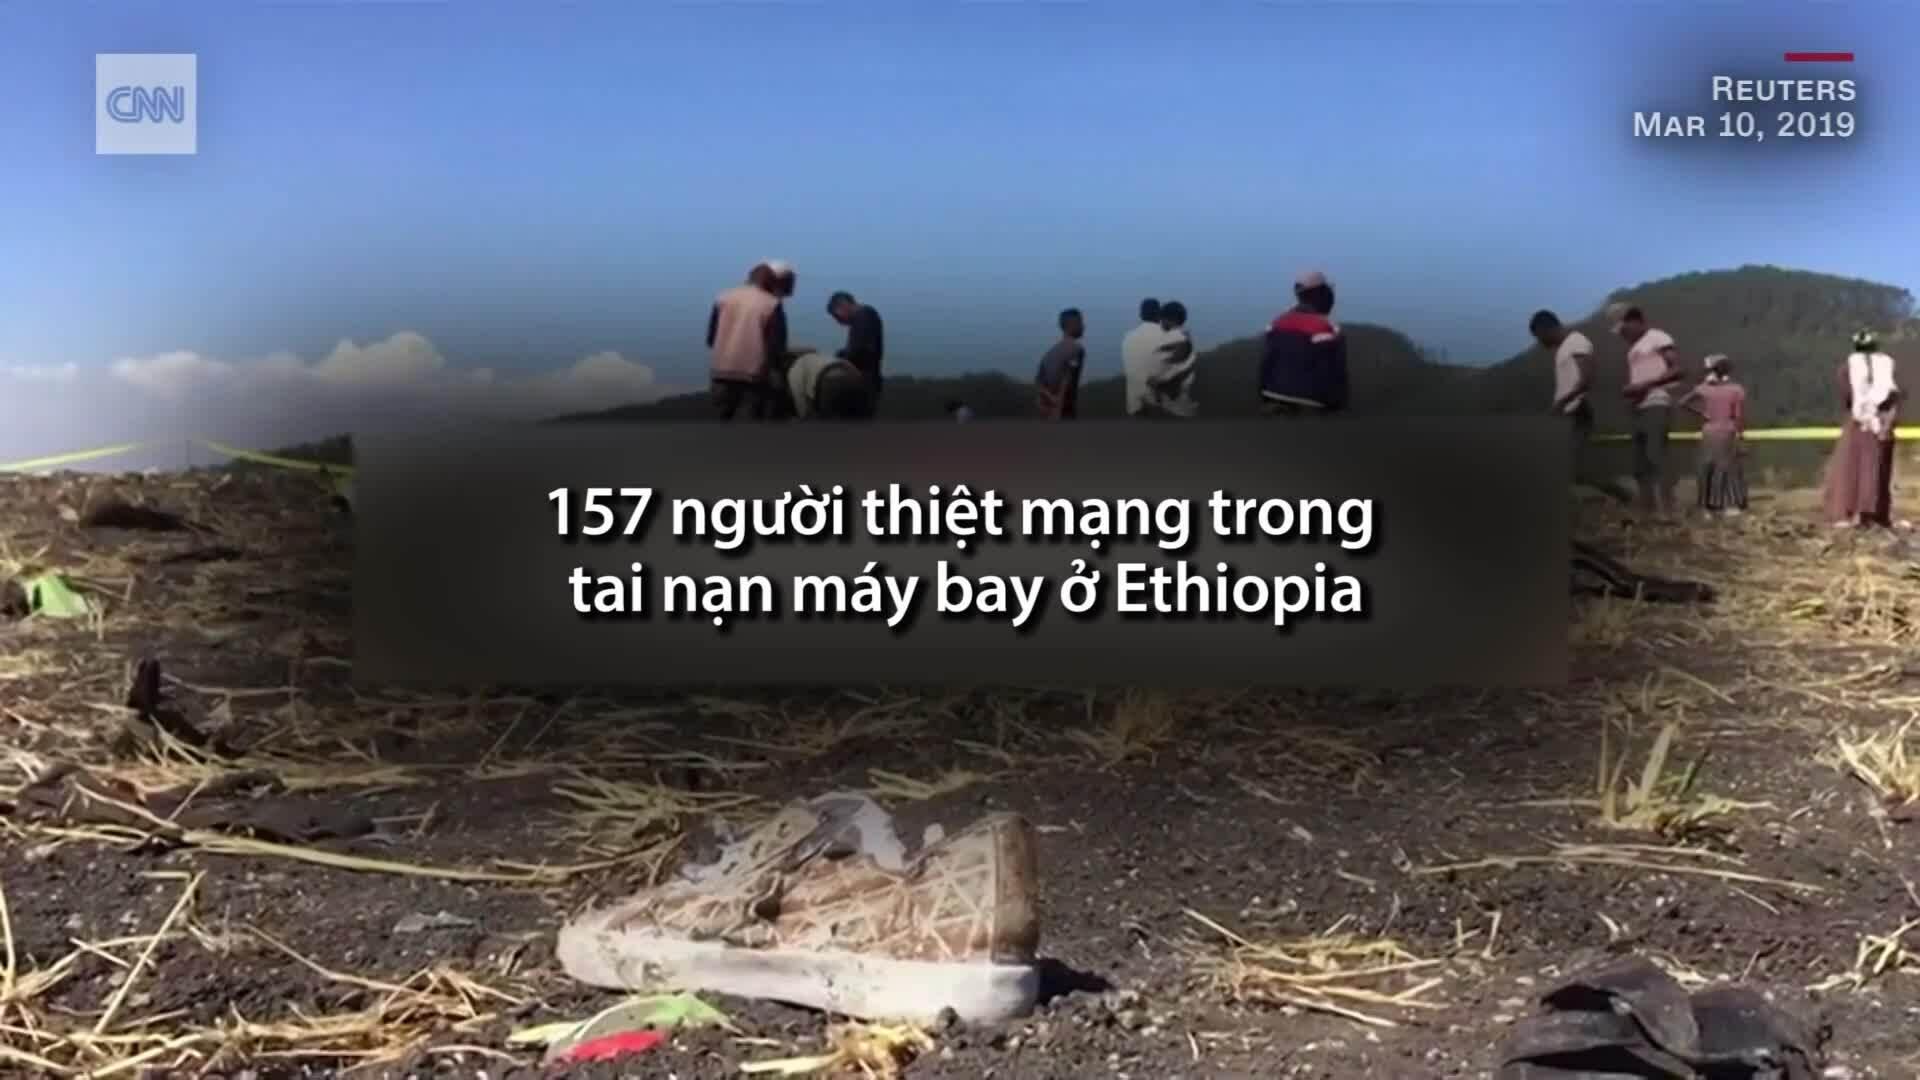 Vụ rơi máy bay Ethiopia diễn ra như thế nào?